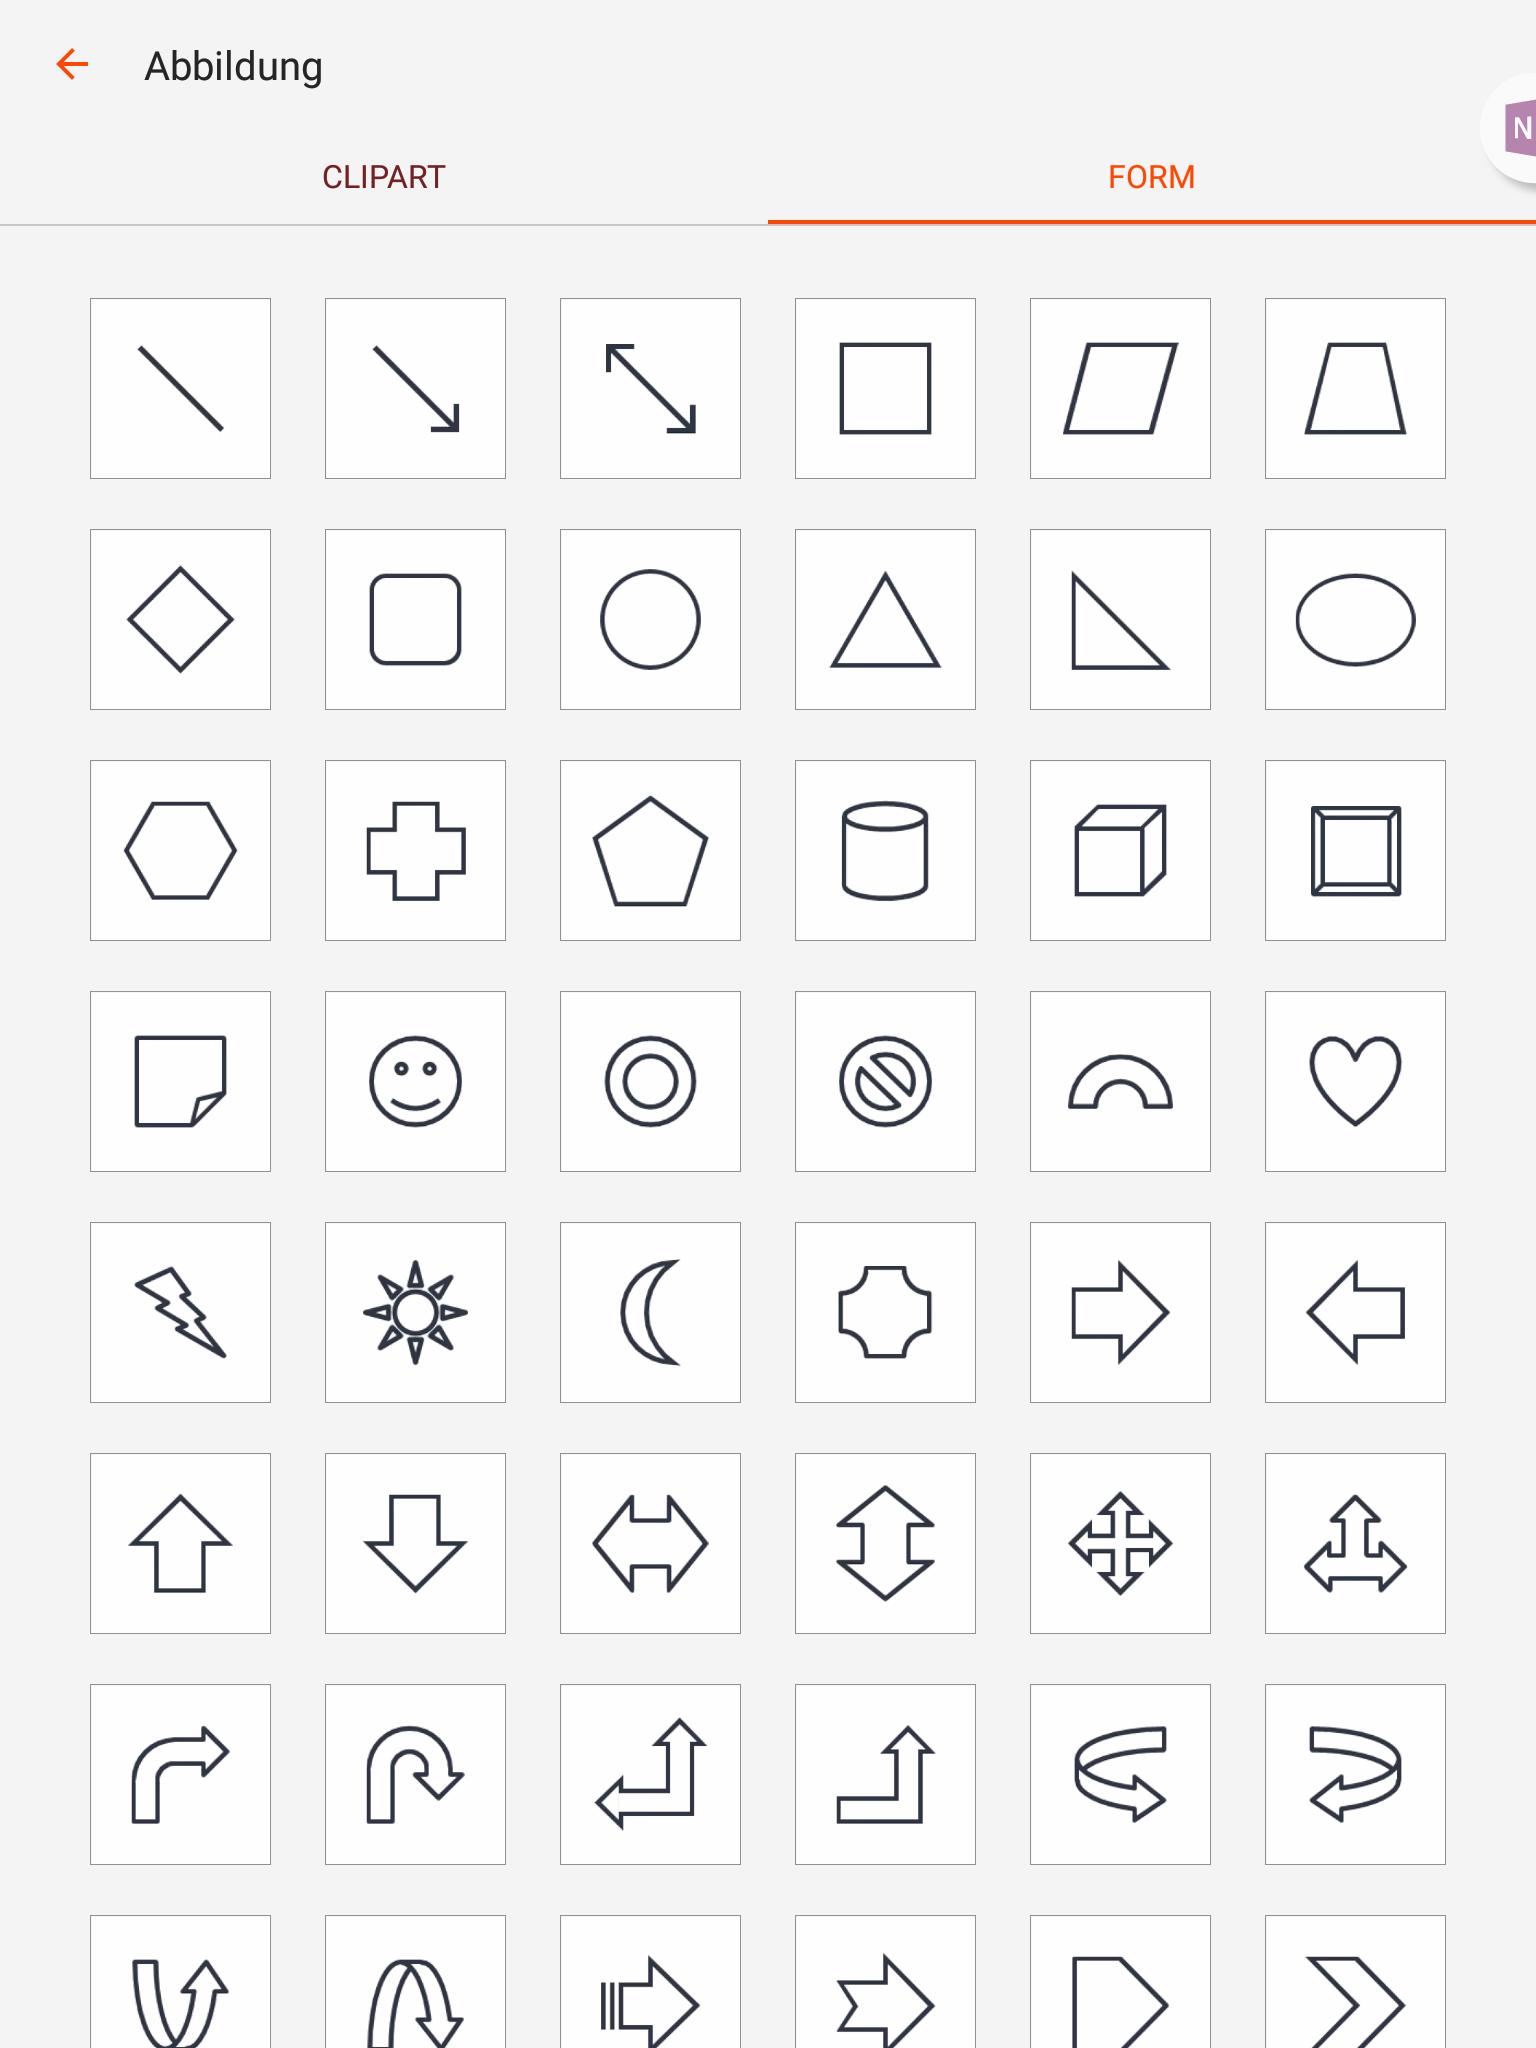 Formen und Cliparts